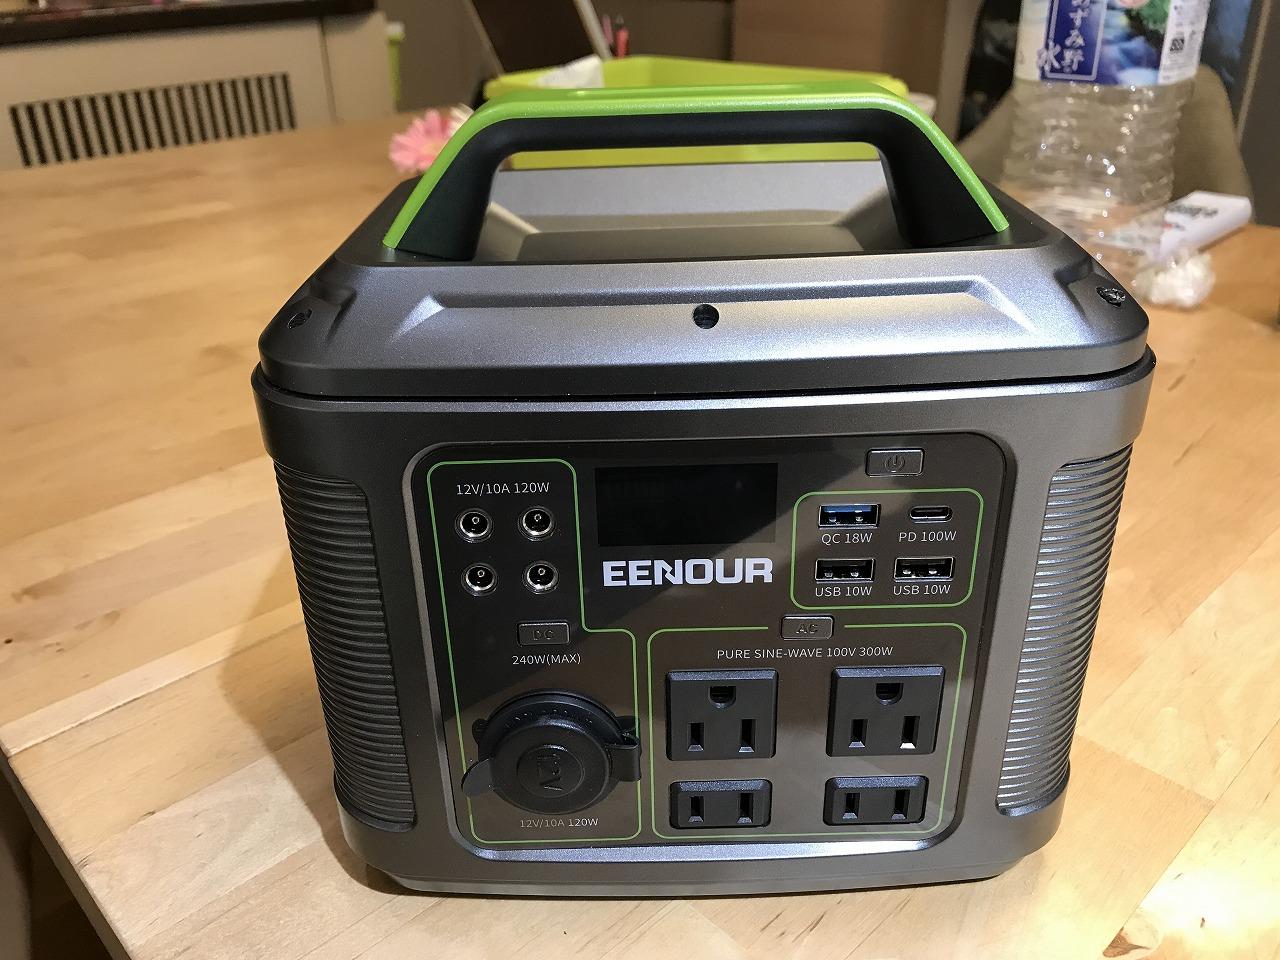 EENOUR ポータブル電源 P302 大容量